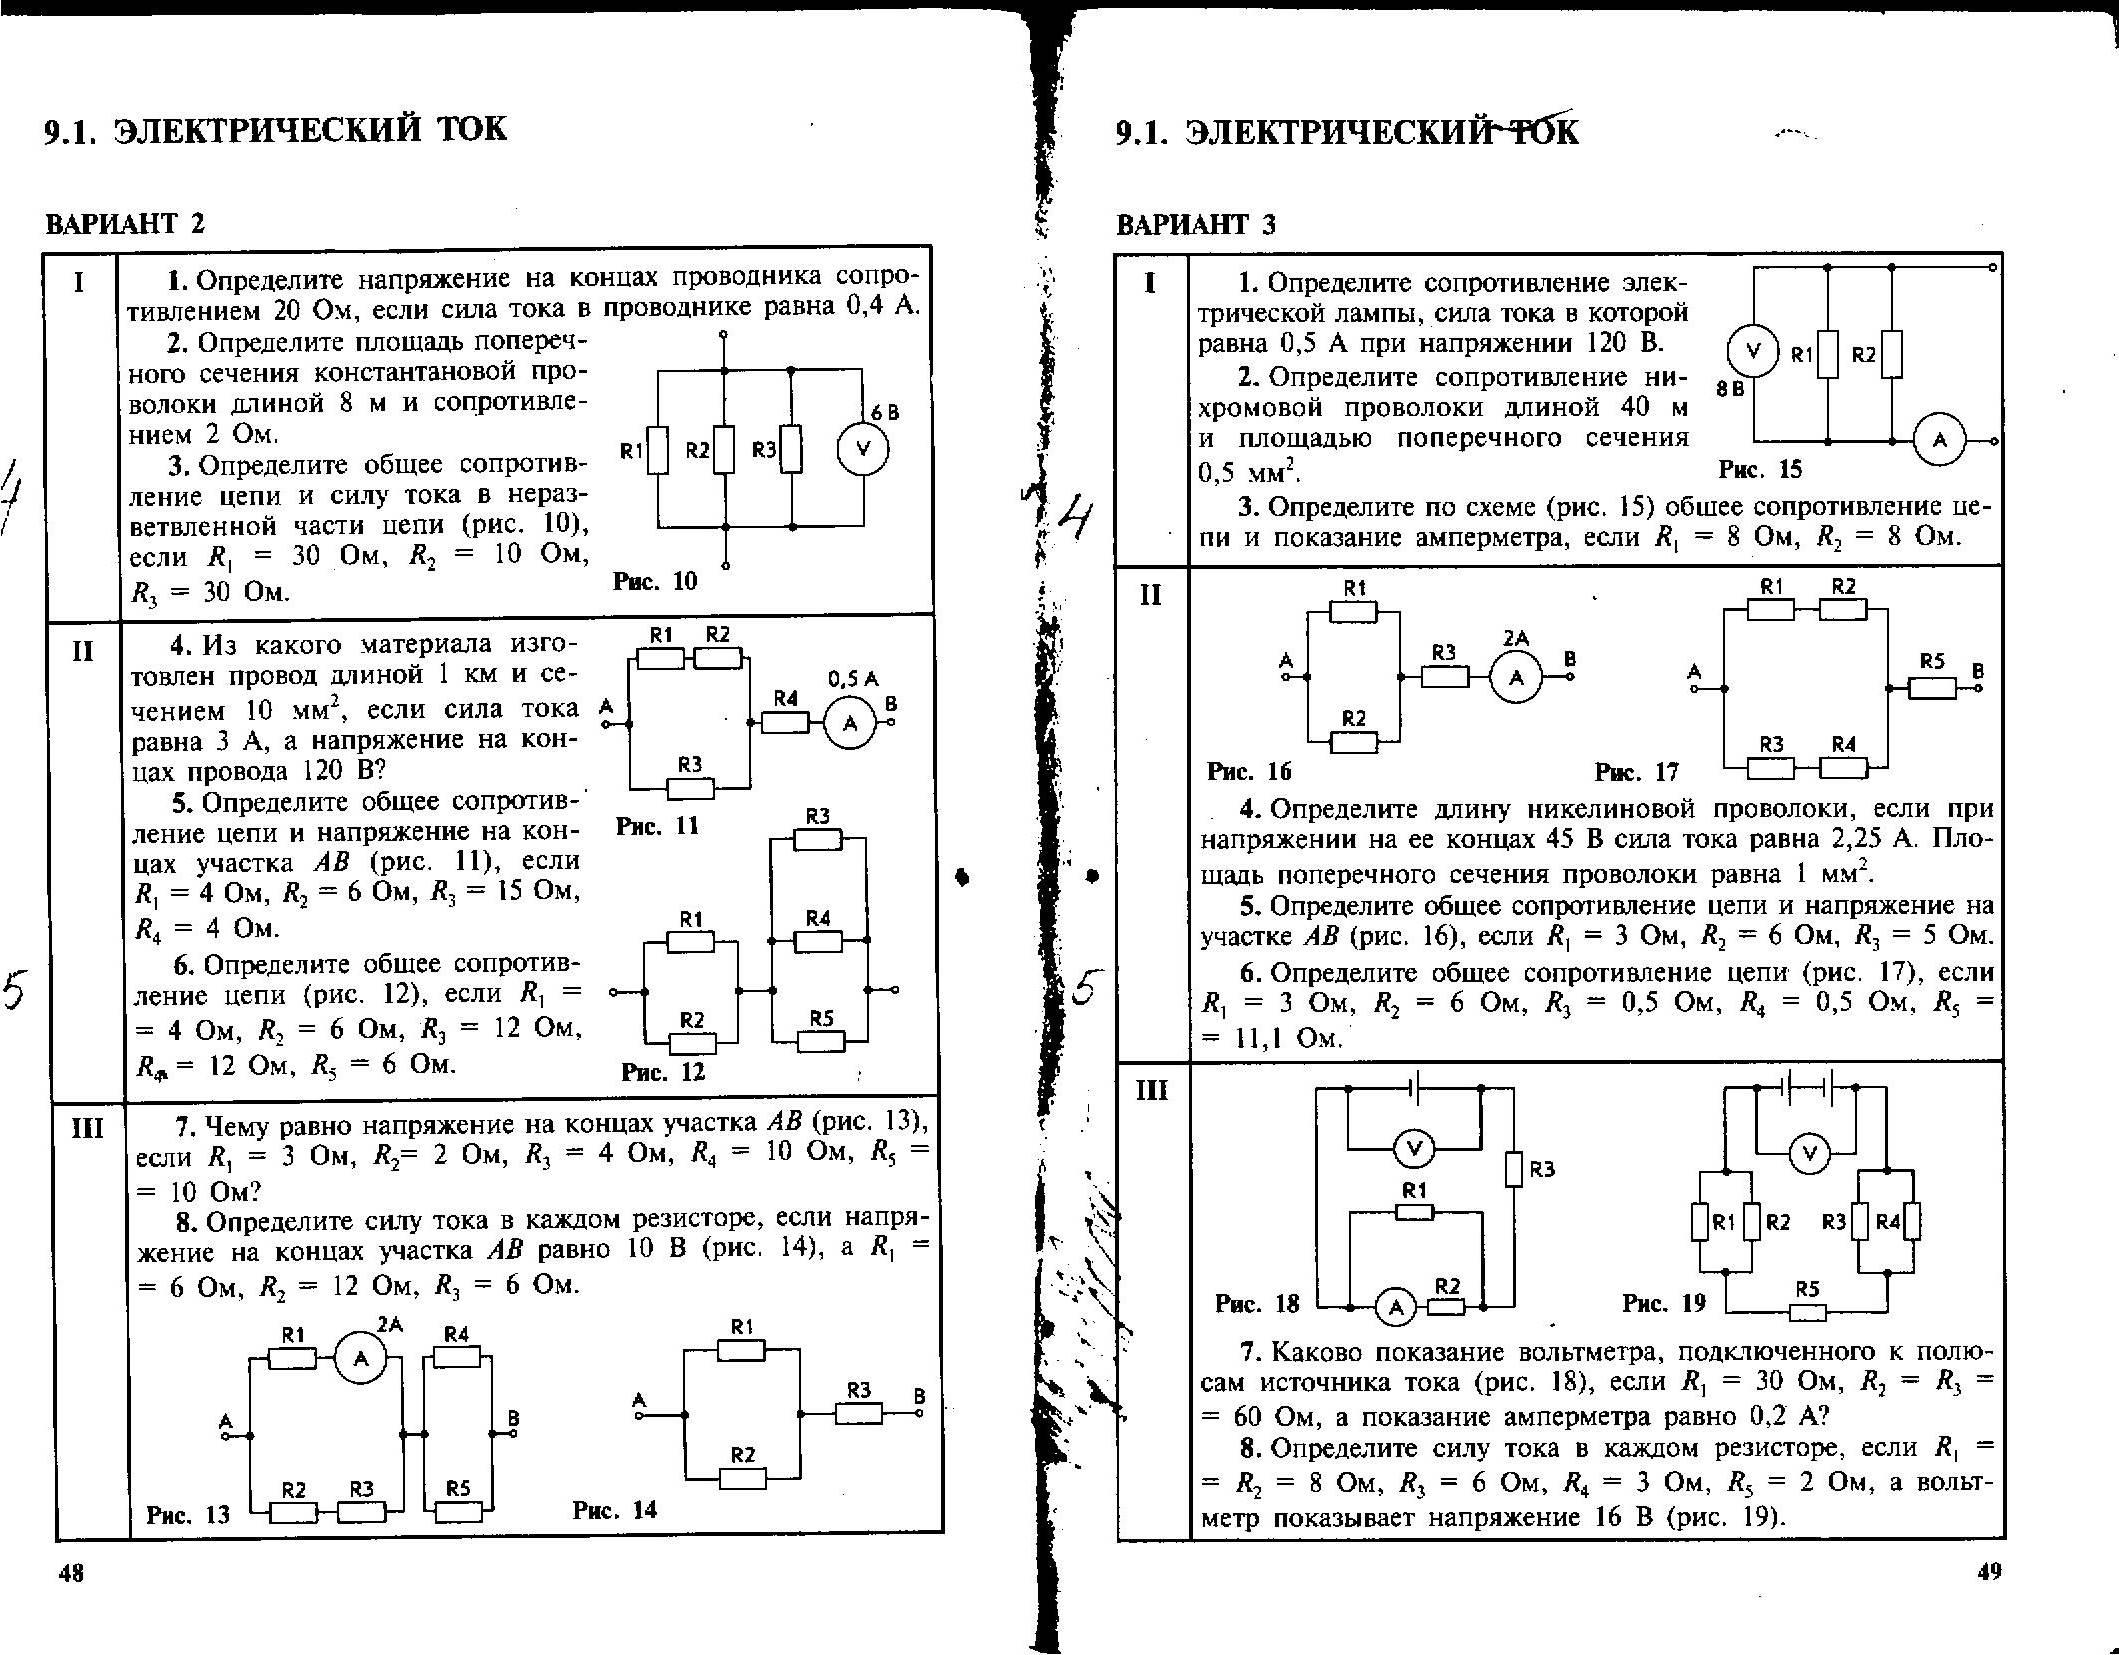 Контрольная работа по физике 9 класс казахстан